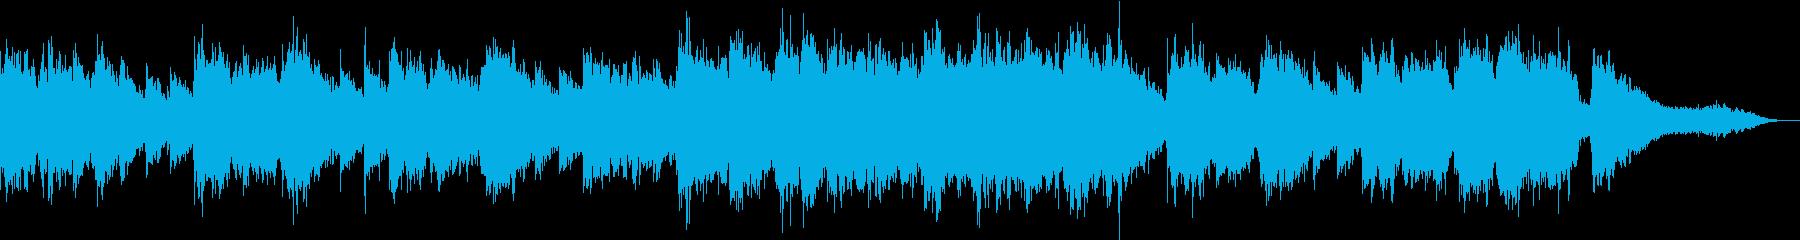 少しノスタルジックな優しいBGMの再生済みの波形